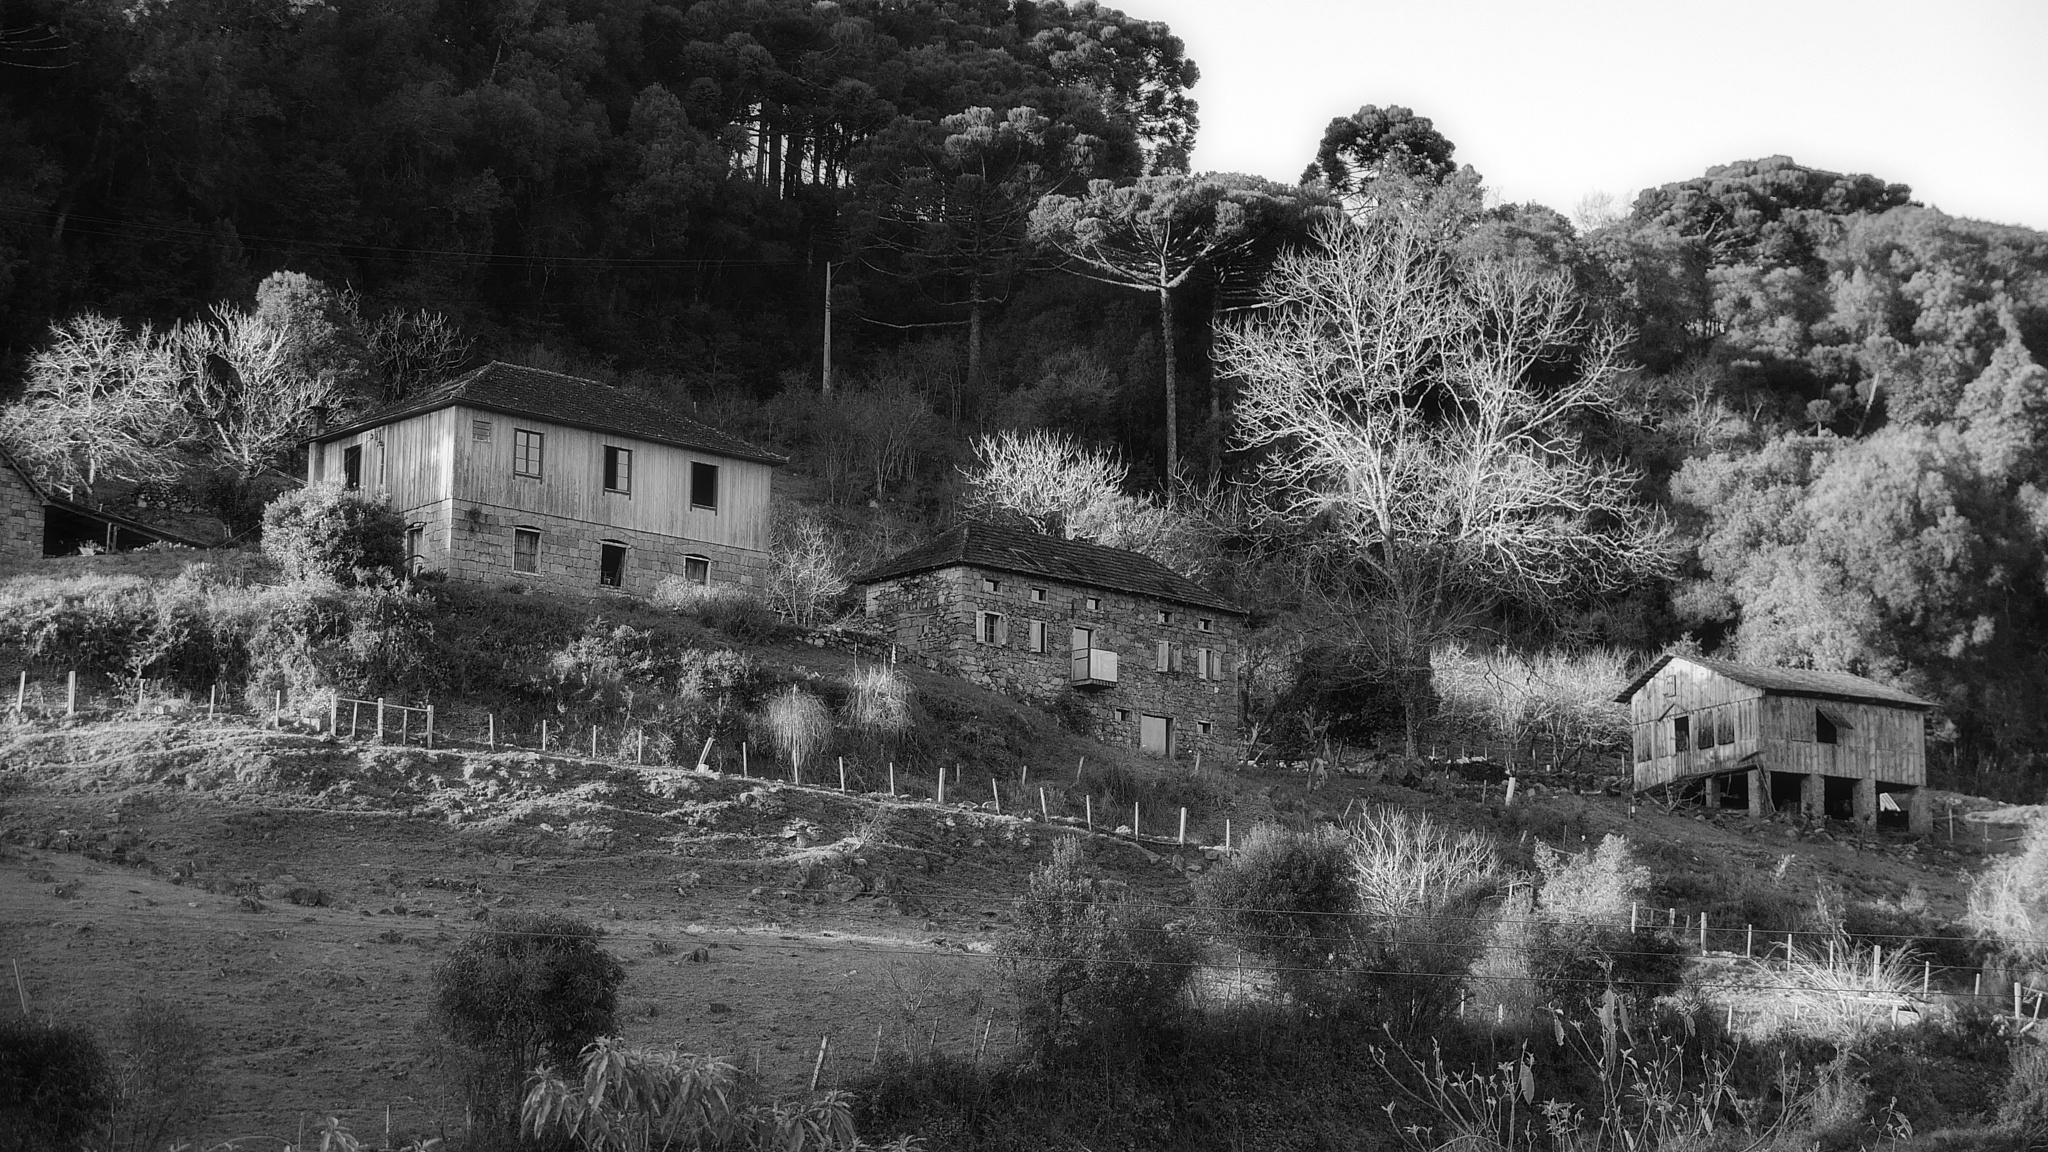 Caminhos de Pedra - Casarões by WSimone